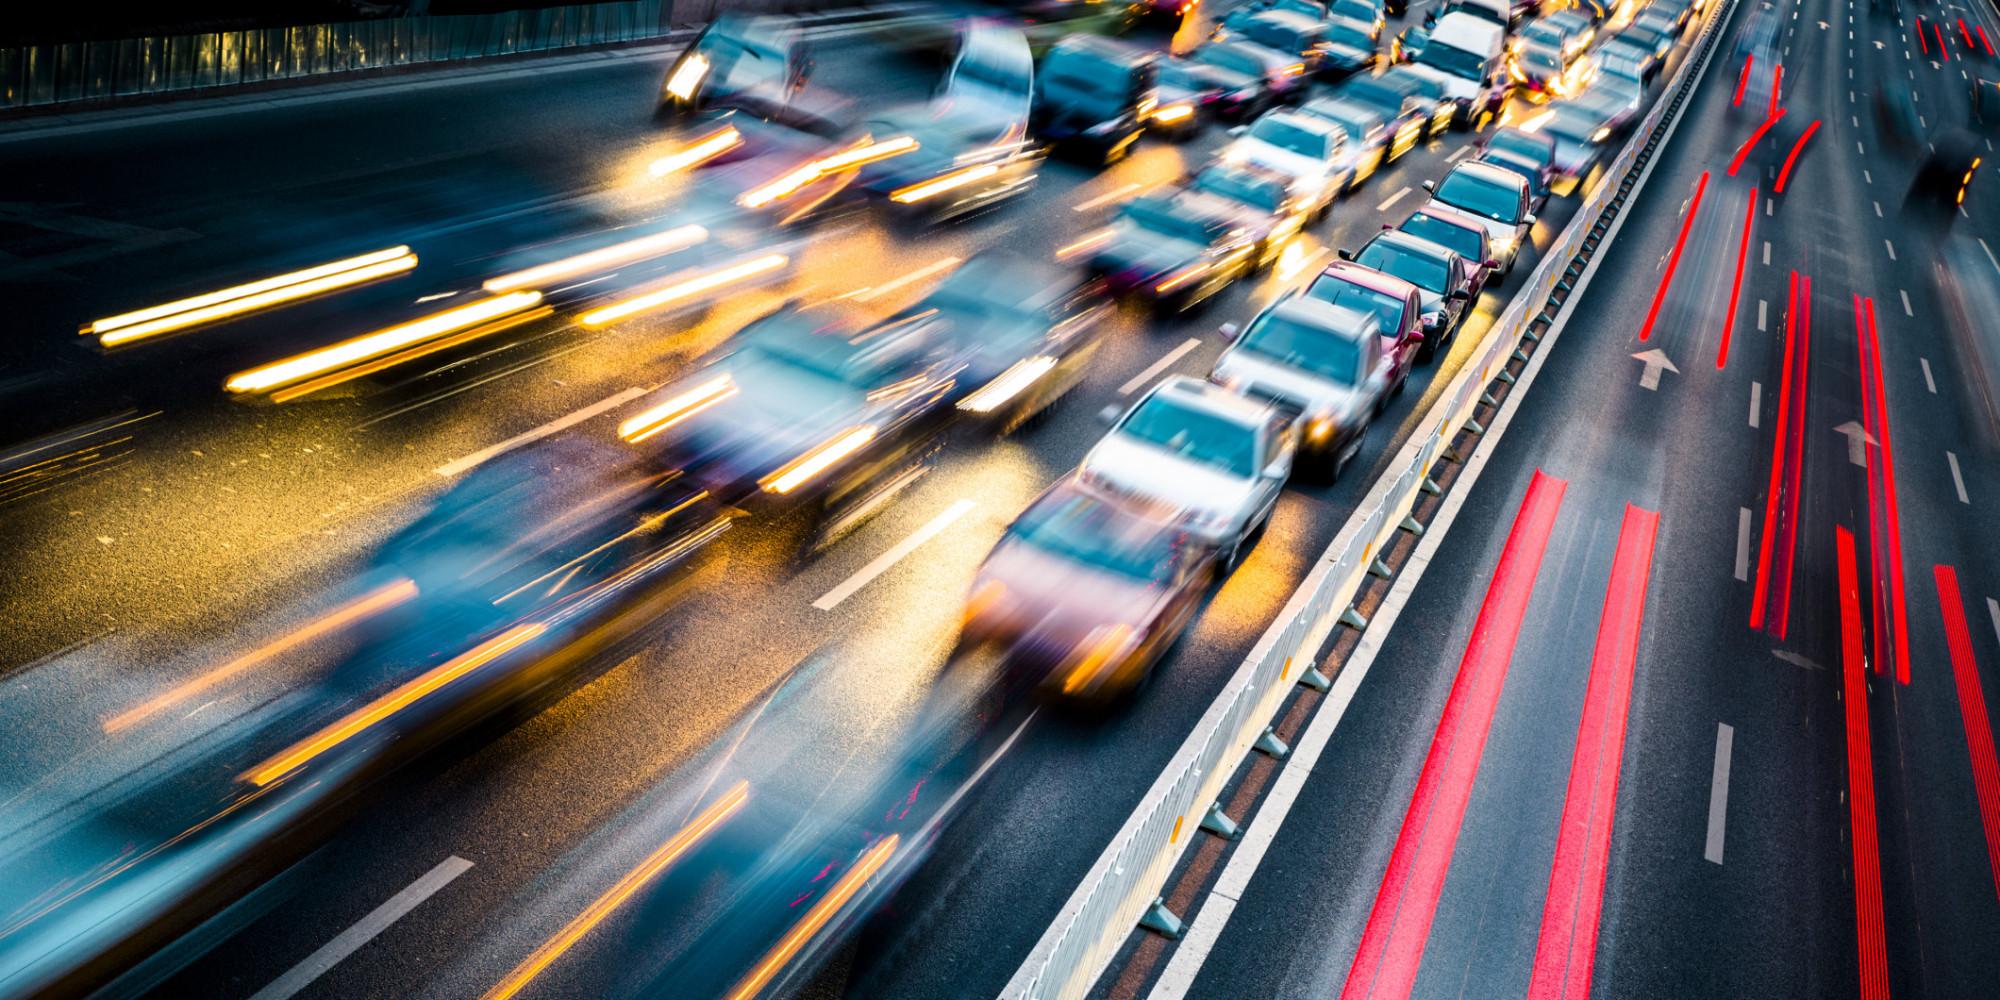 Deindustrializzare e rallentare: che sia questa la strada?